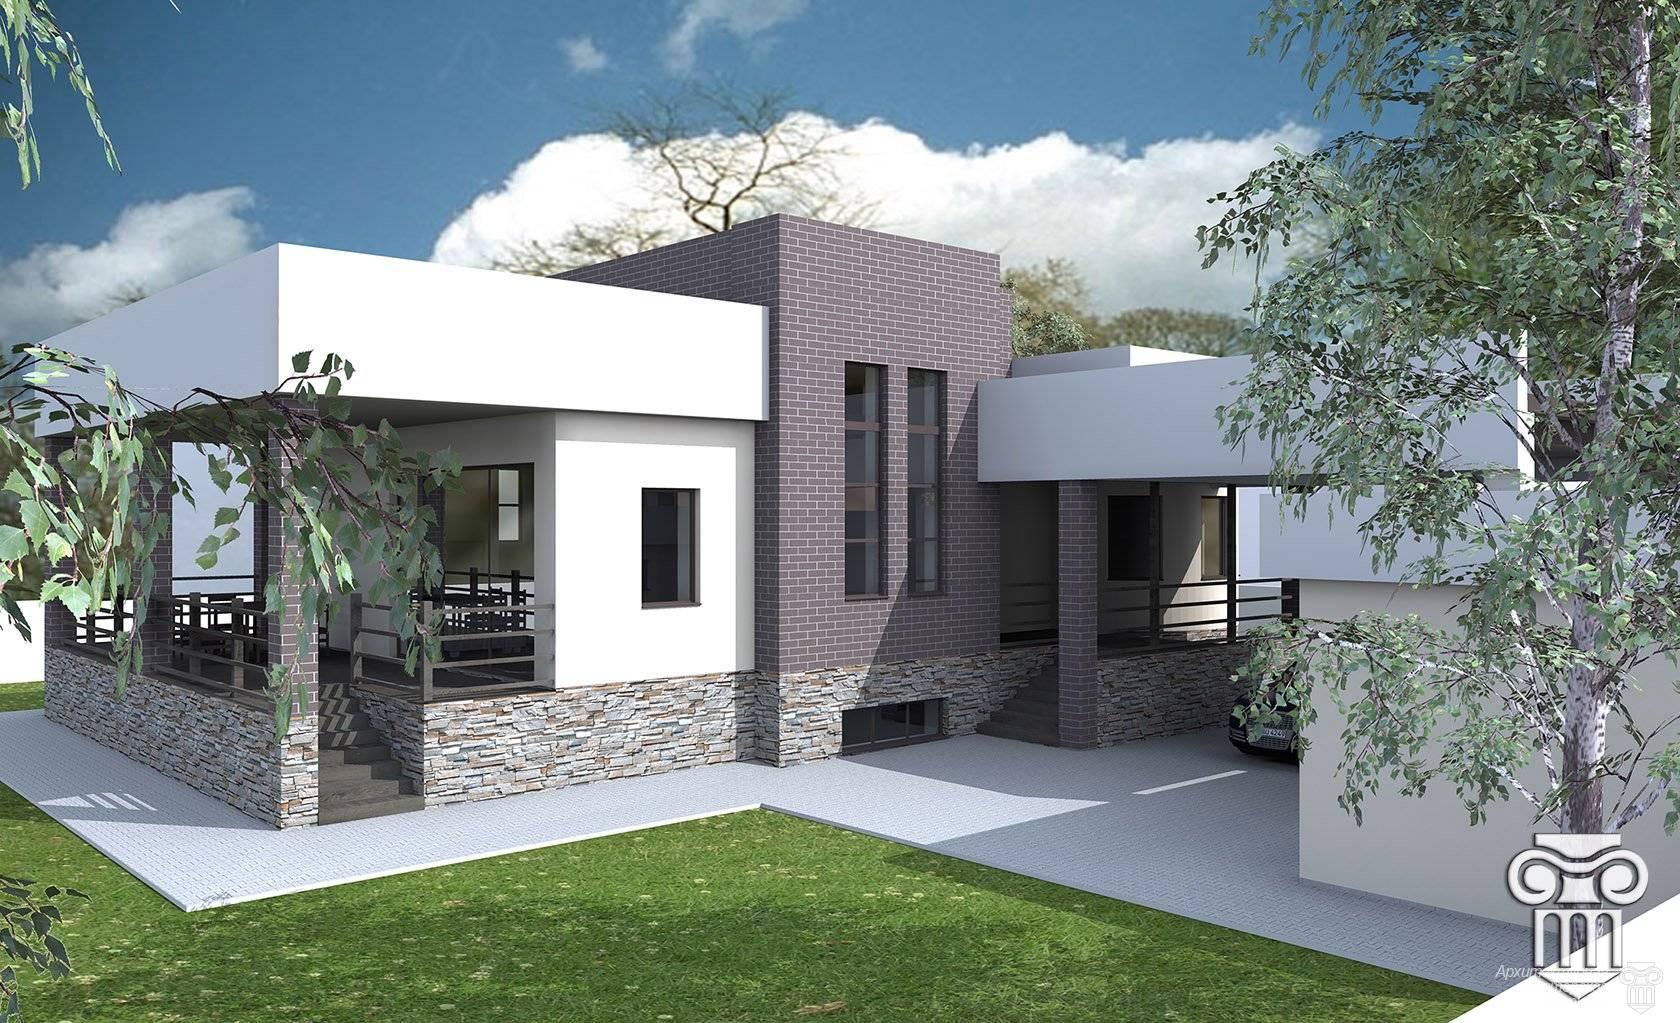 Планы и чертежи домов с размерами бесплатно: как можно нарисовать чертеж онлайн в программах